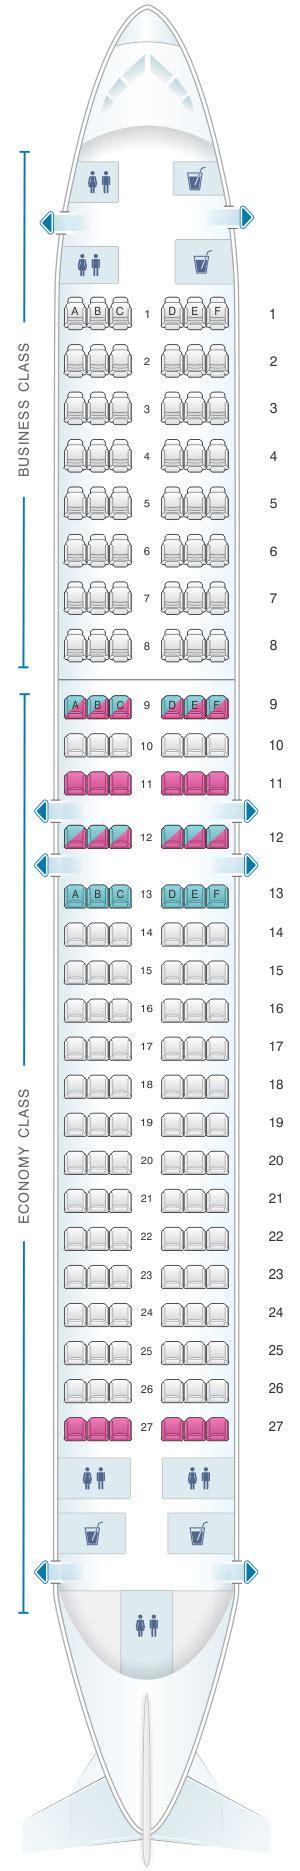 air algerie siege plan de cabine air algerie boeing b737 800 config 1